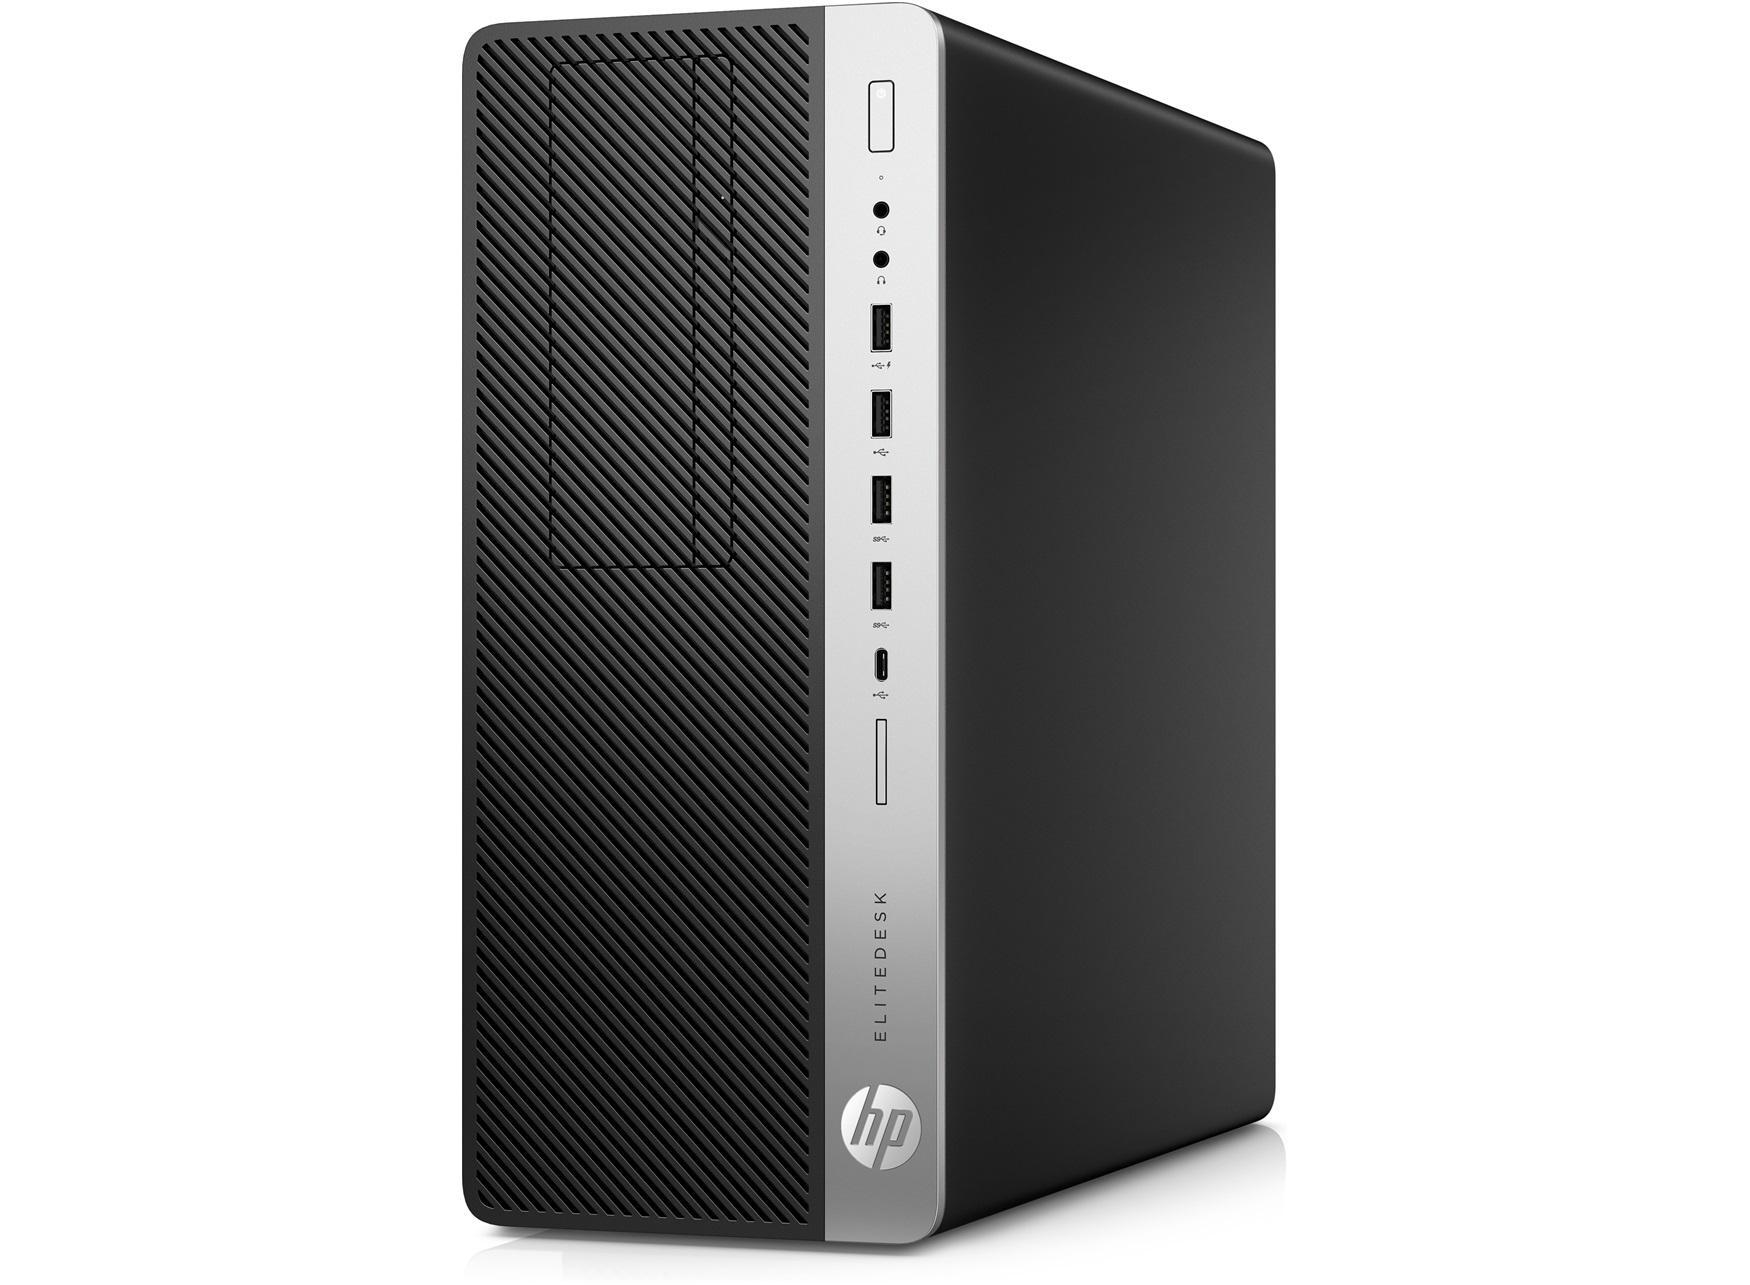 HP EliteDesk 800 G3 Tower